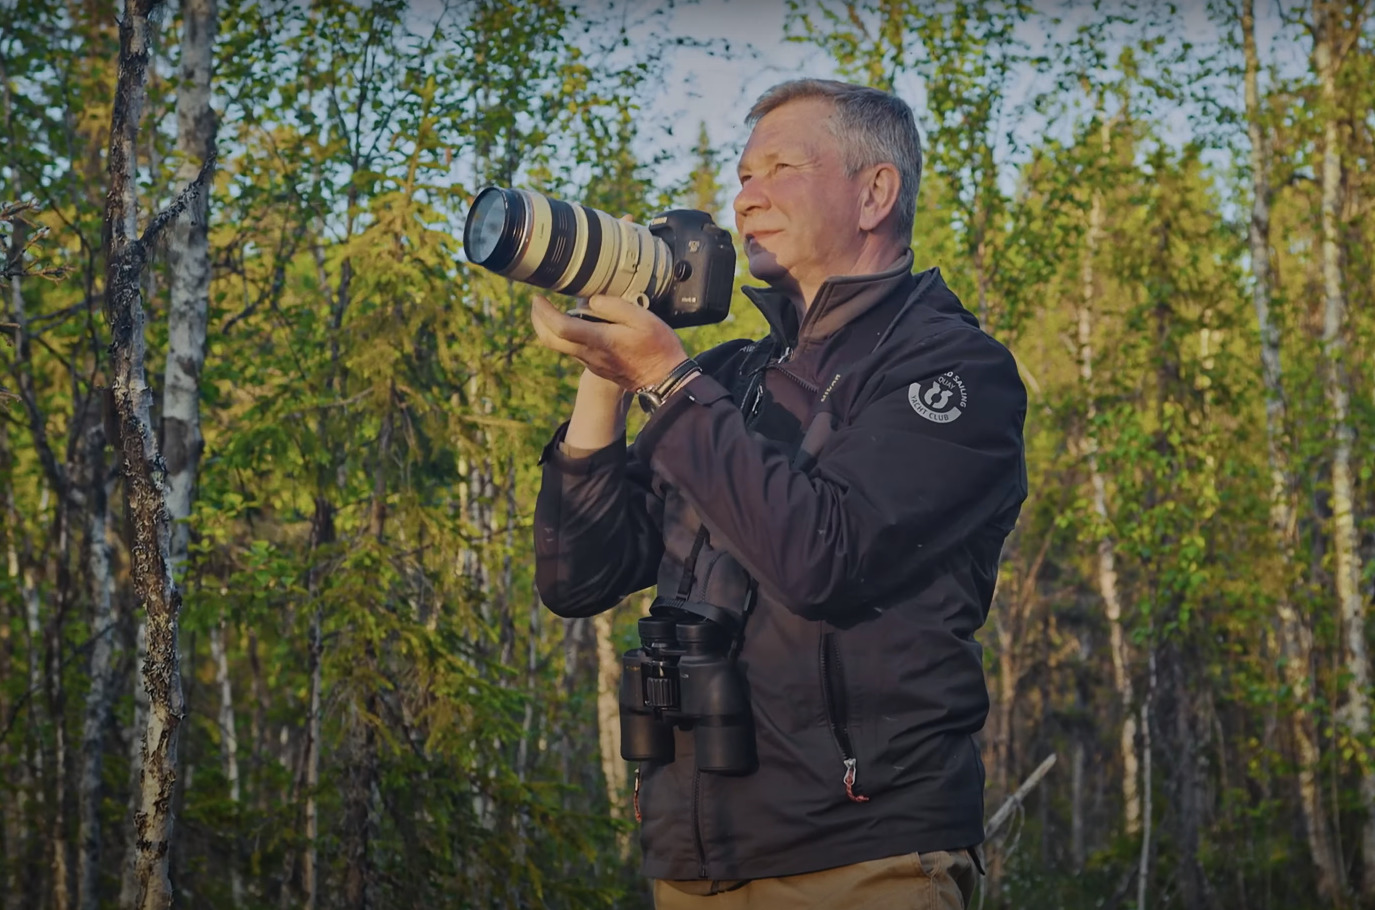 Орнитолог Павел Амосов обнаружил в Лешуконии один из самых уязвимых видов — орлана-белохвоста